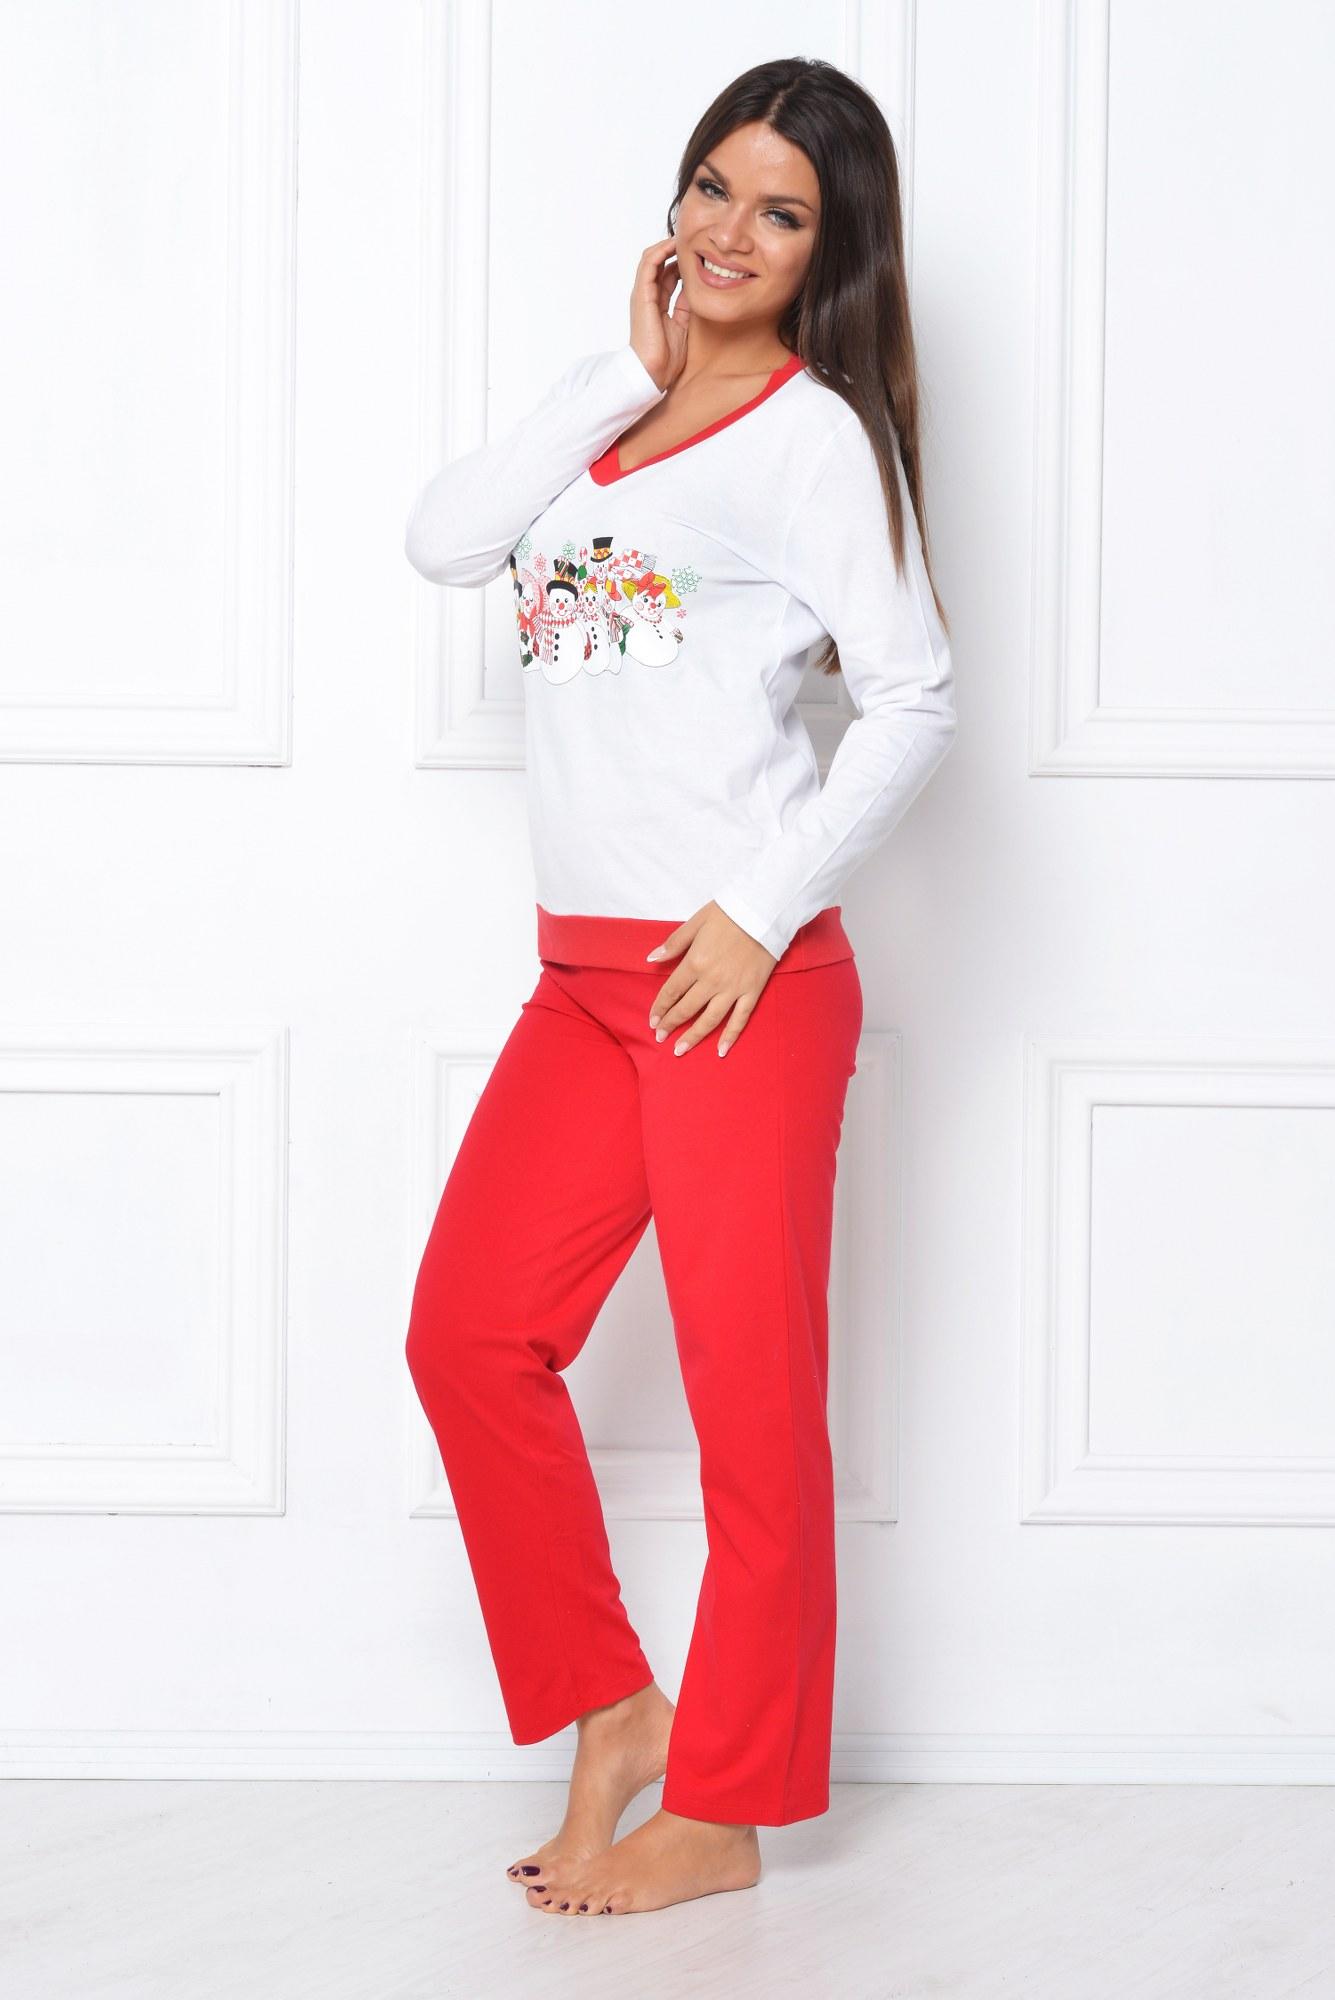 Pijama rosu-alb cu oameni de zapada